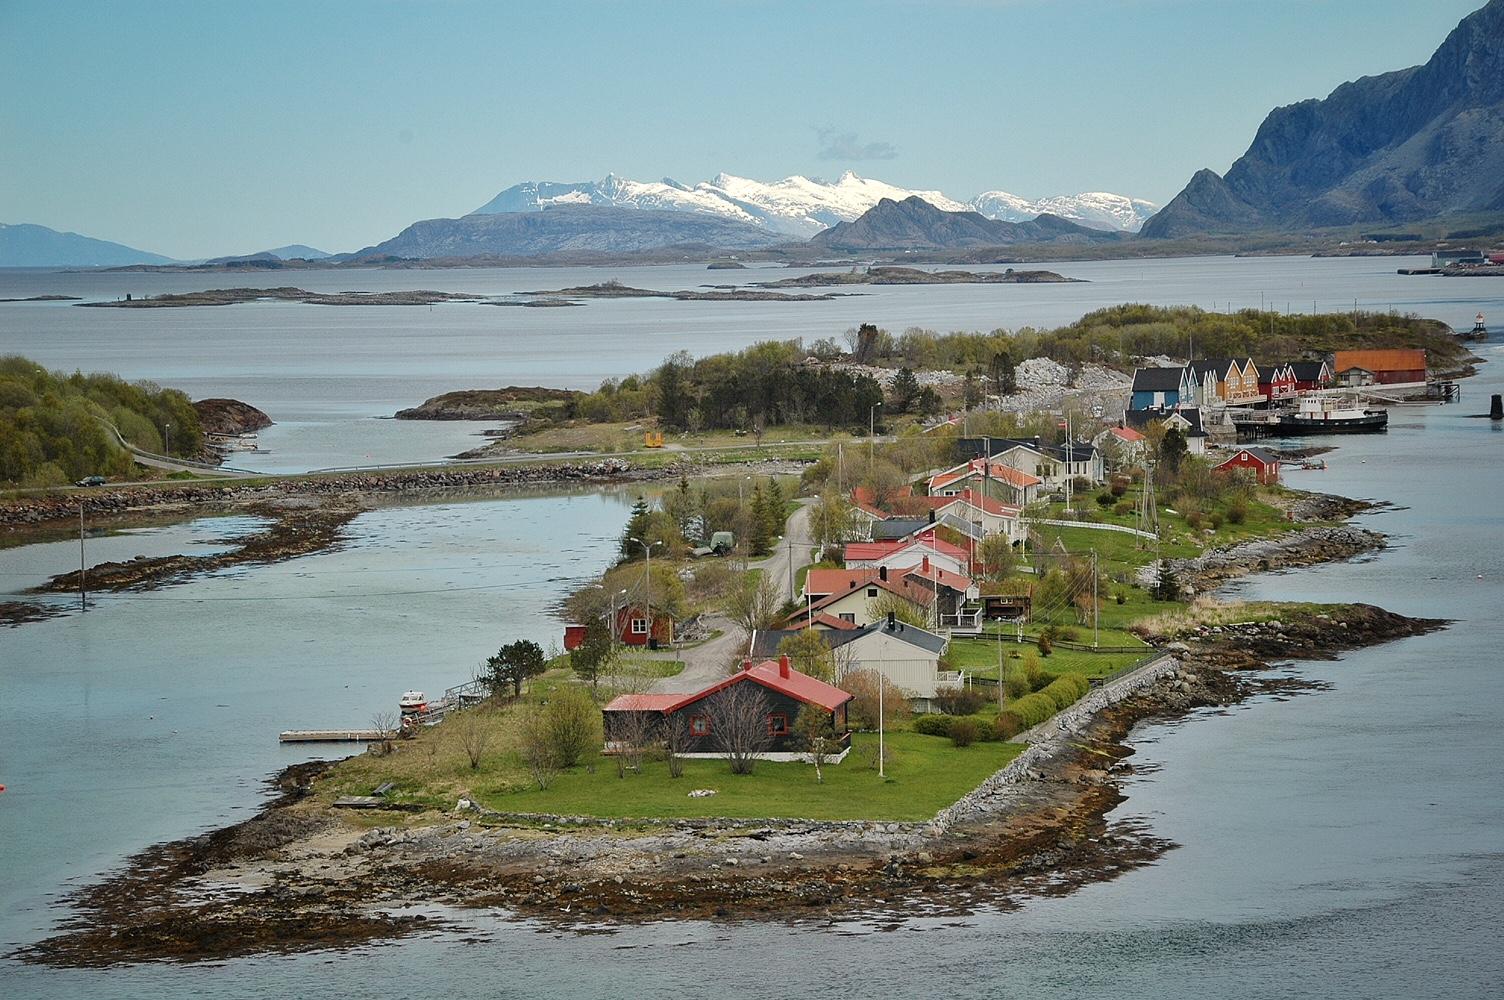 Isole Lofoten: foto di Germana Cabrelle